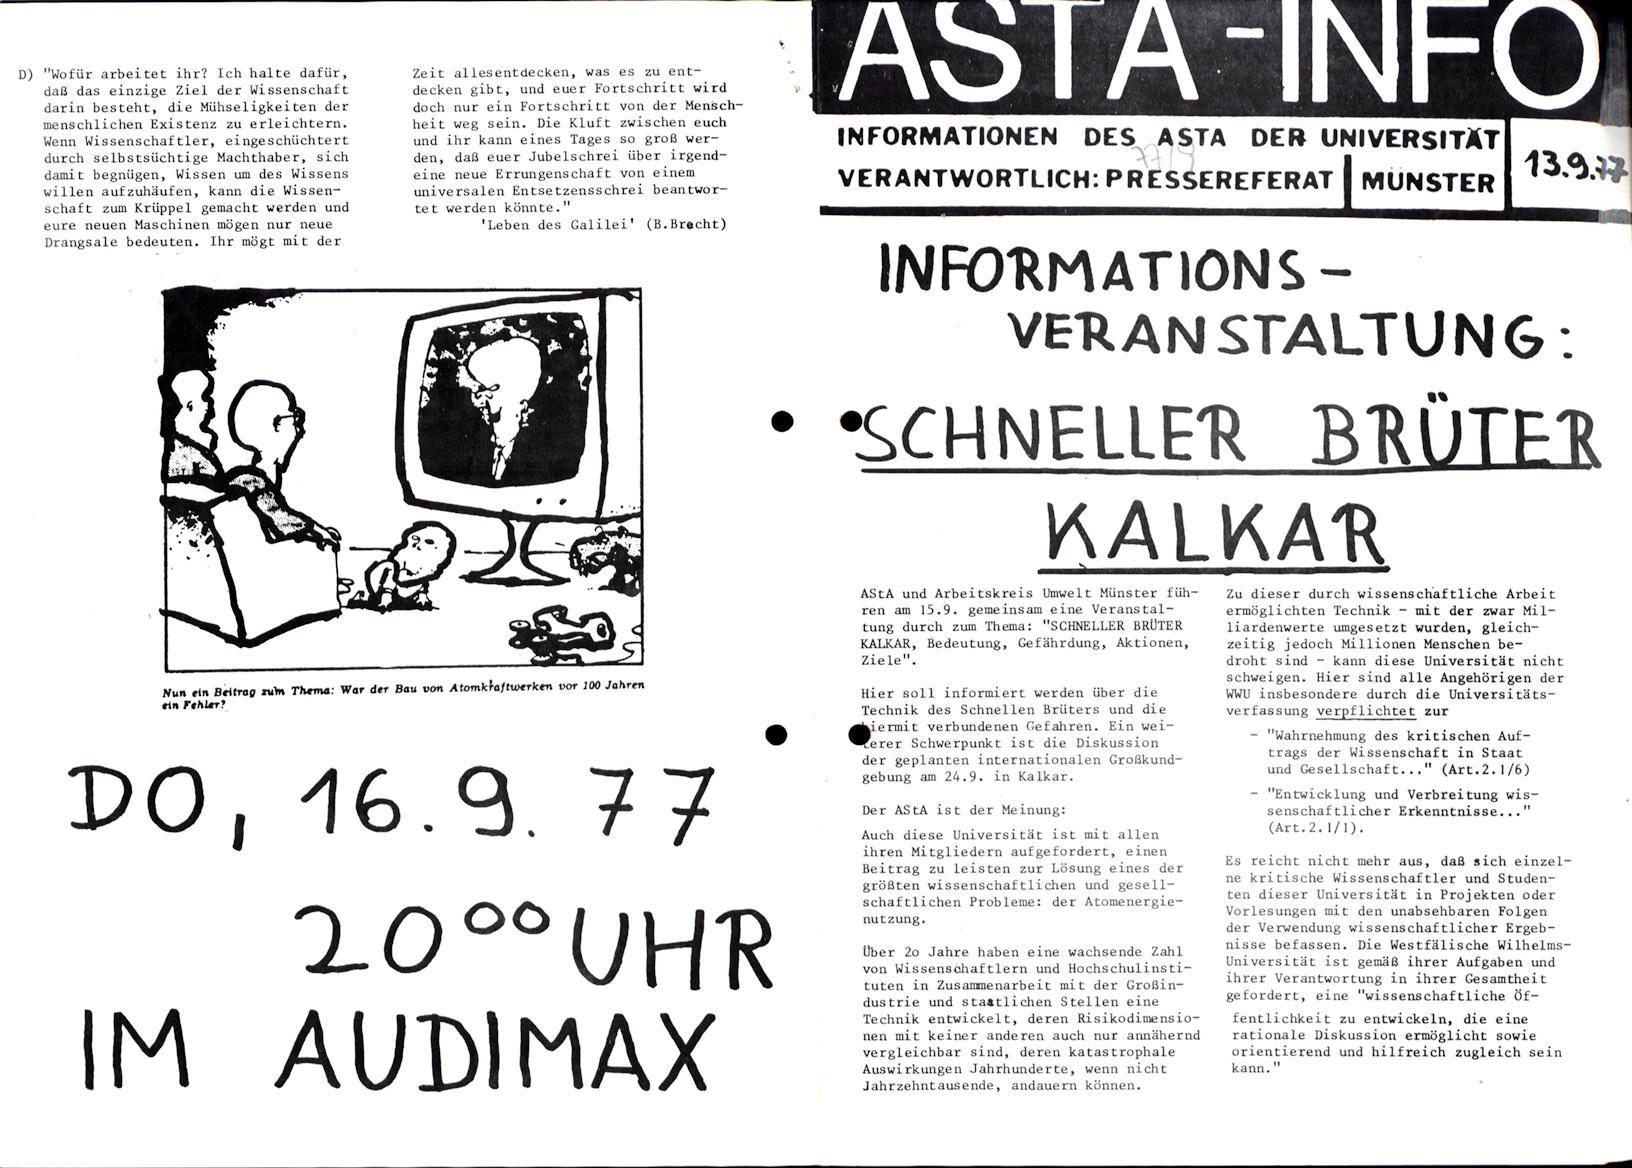 Muenster_AStA_Info_19770913_01